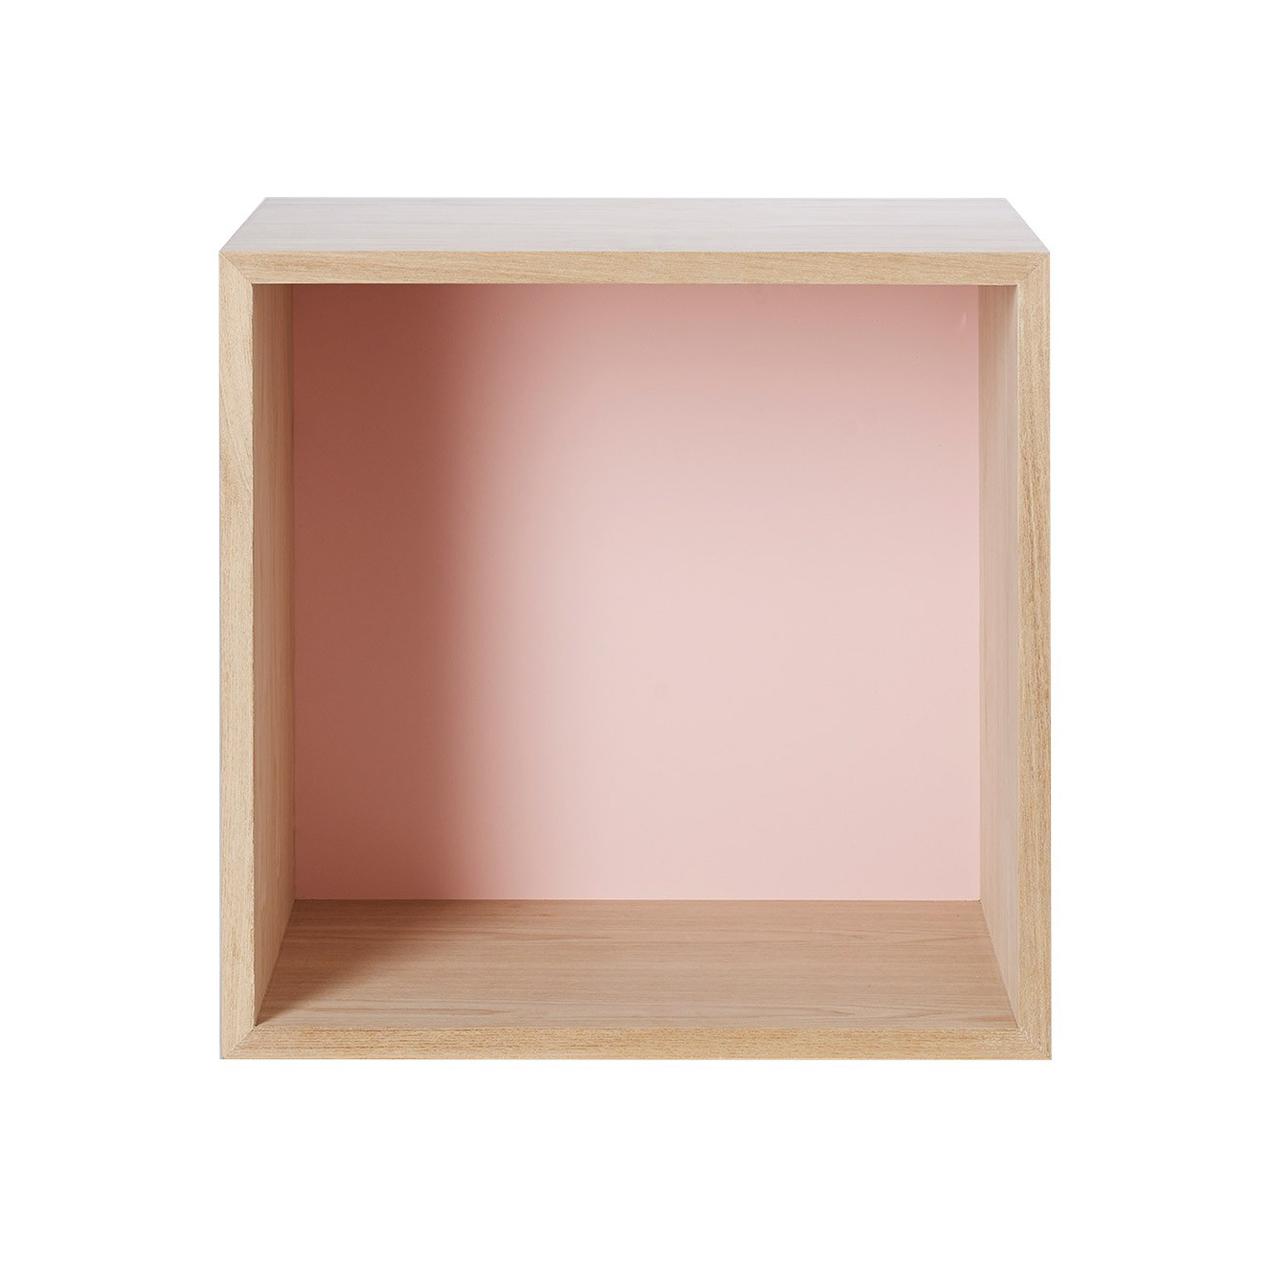 etag re mini stacked m fr ne rose muuto pour chambre enfant les enfants du design. Black Bedroom Furniture Sets. Home Design Ideas